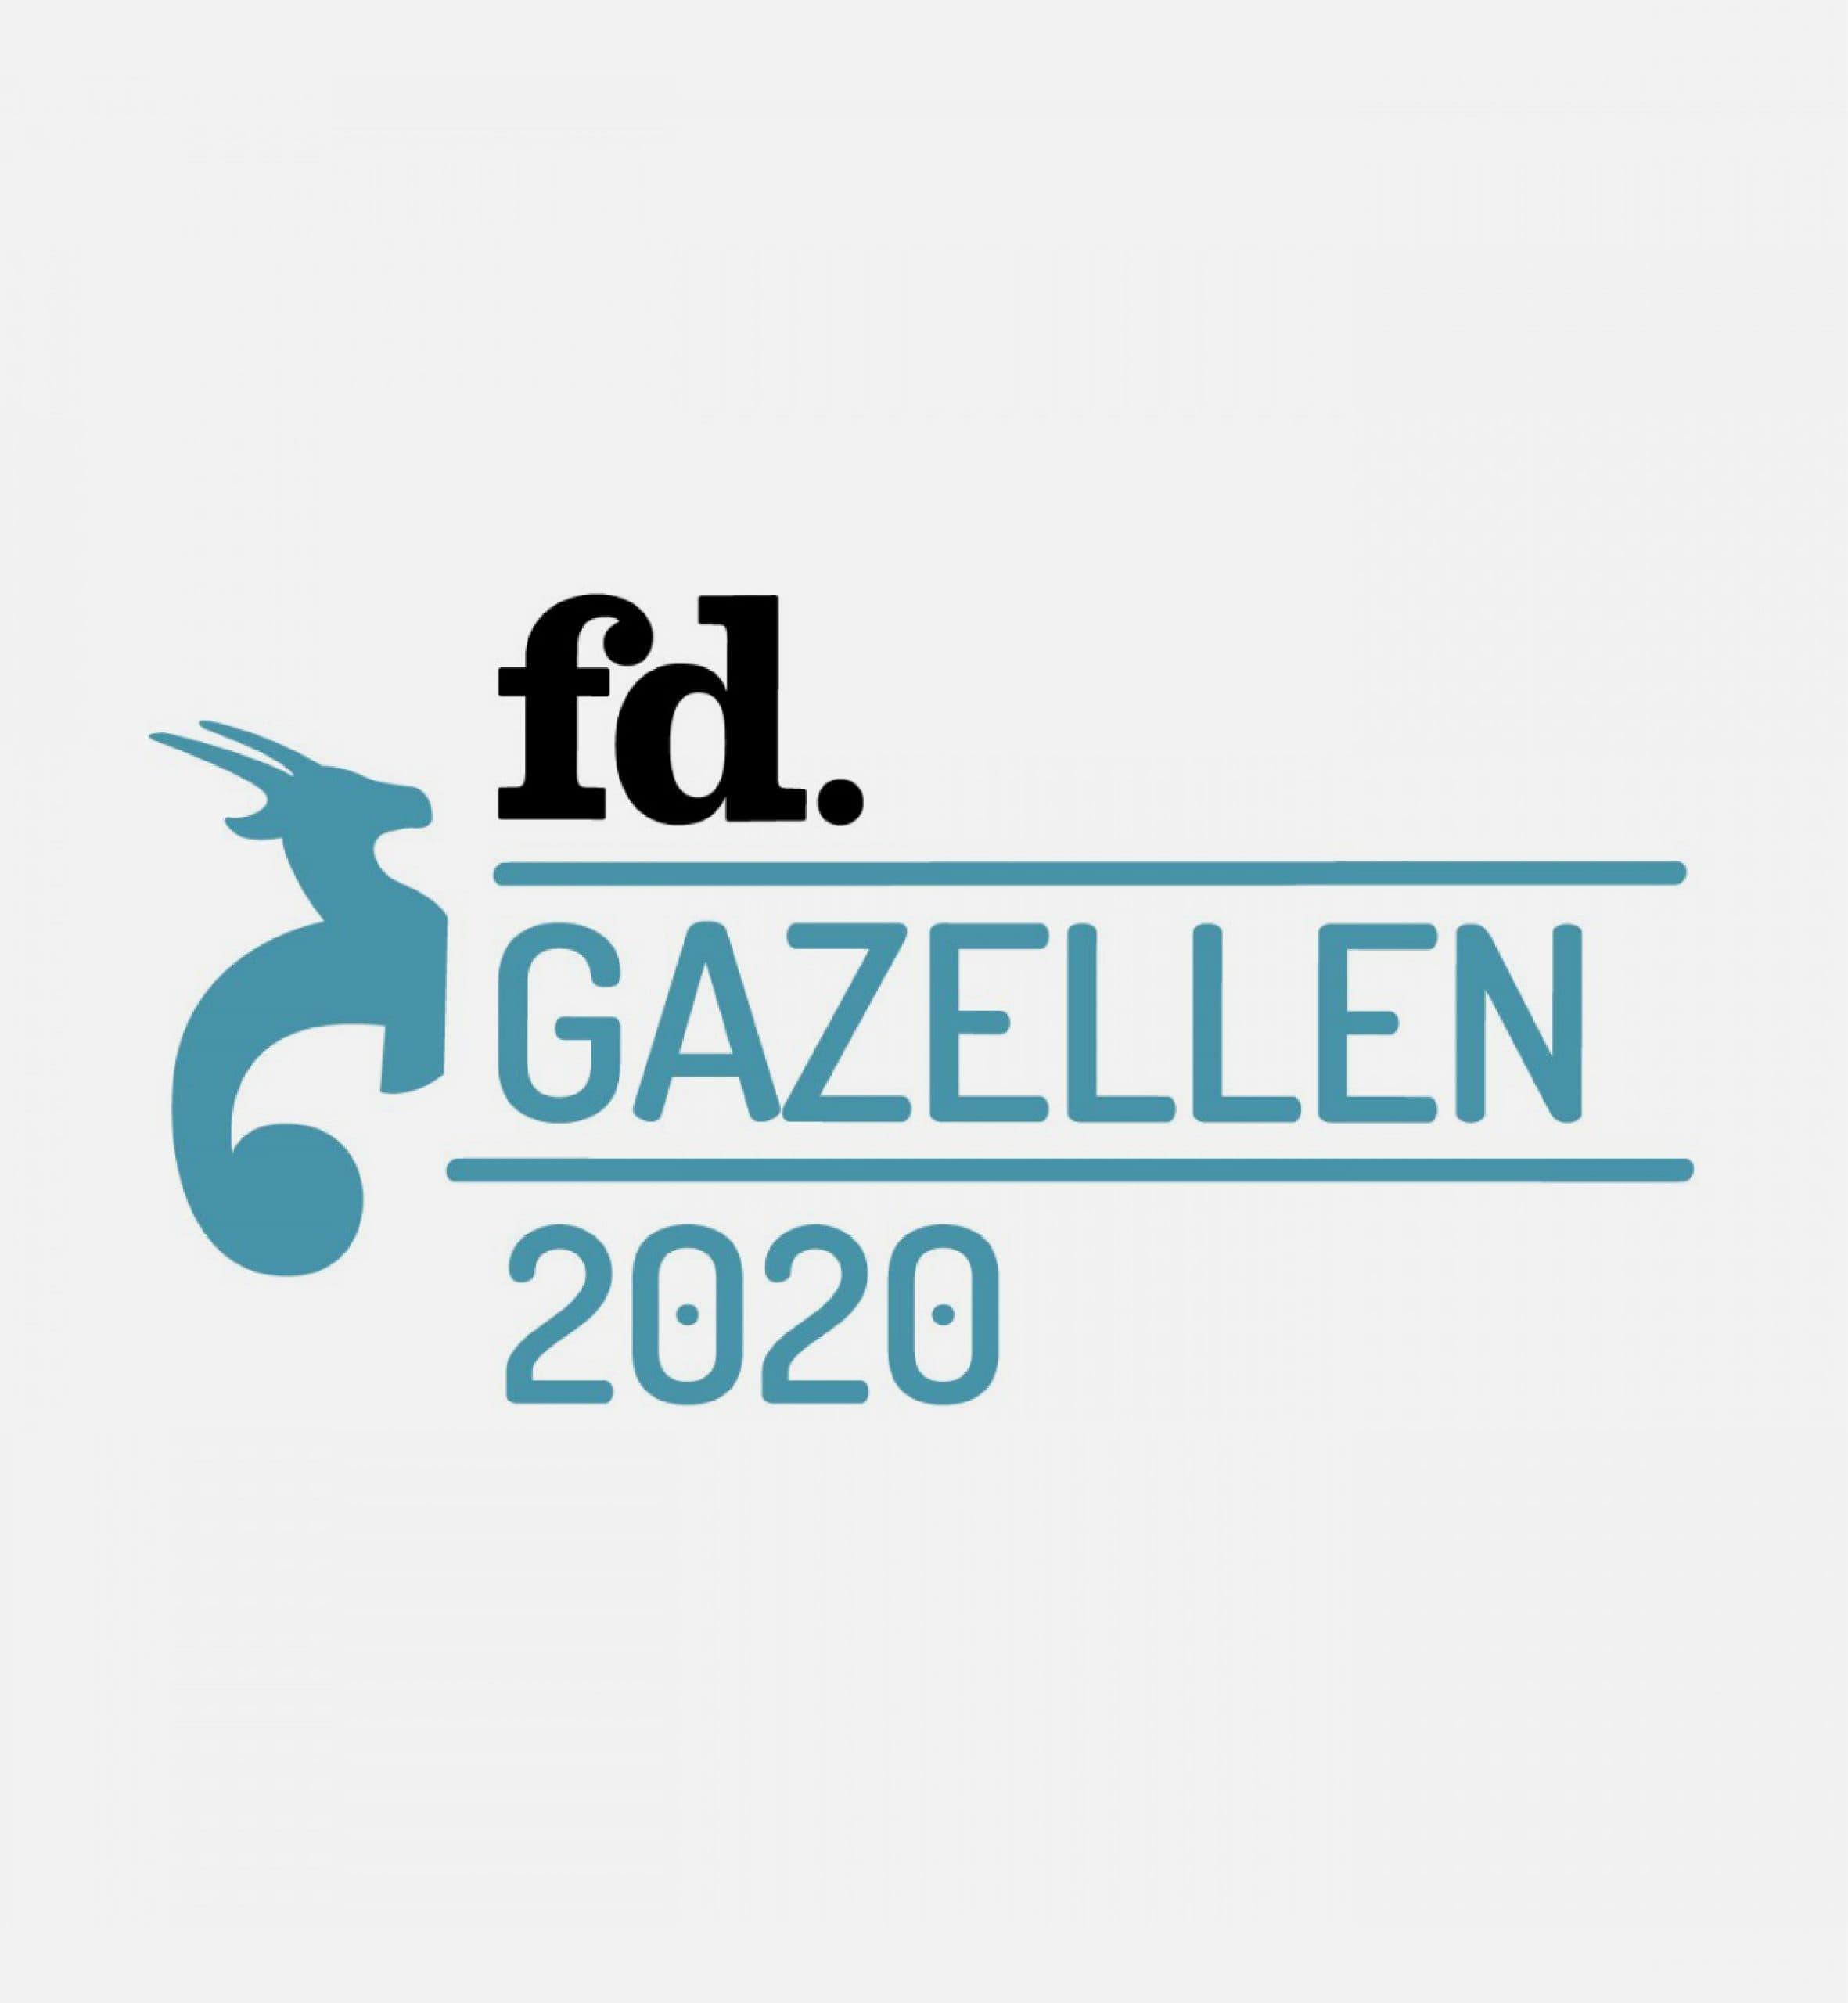 DEX international M&A is awarded as FD Gazelle 2020